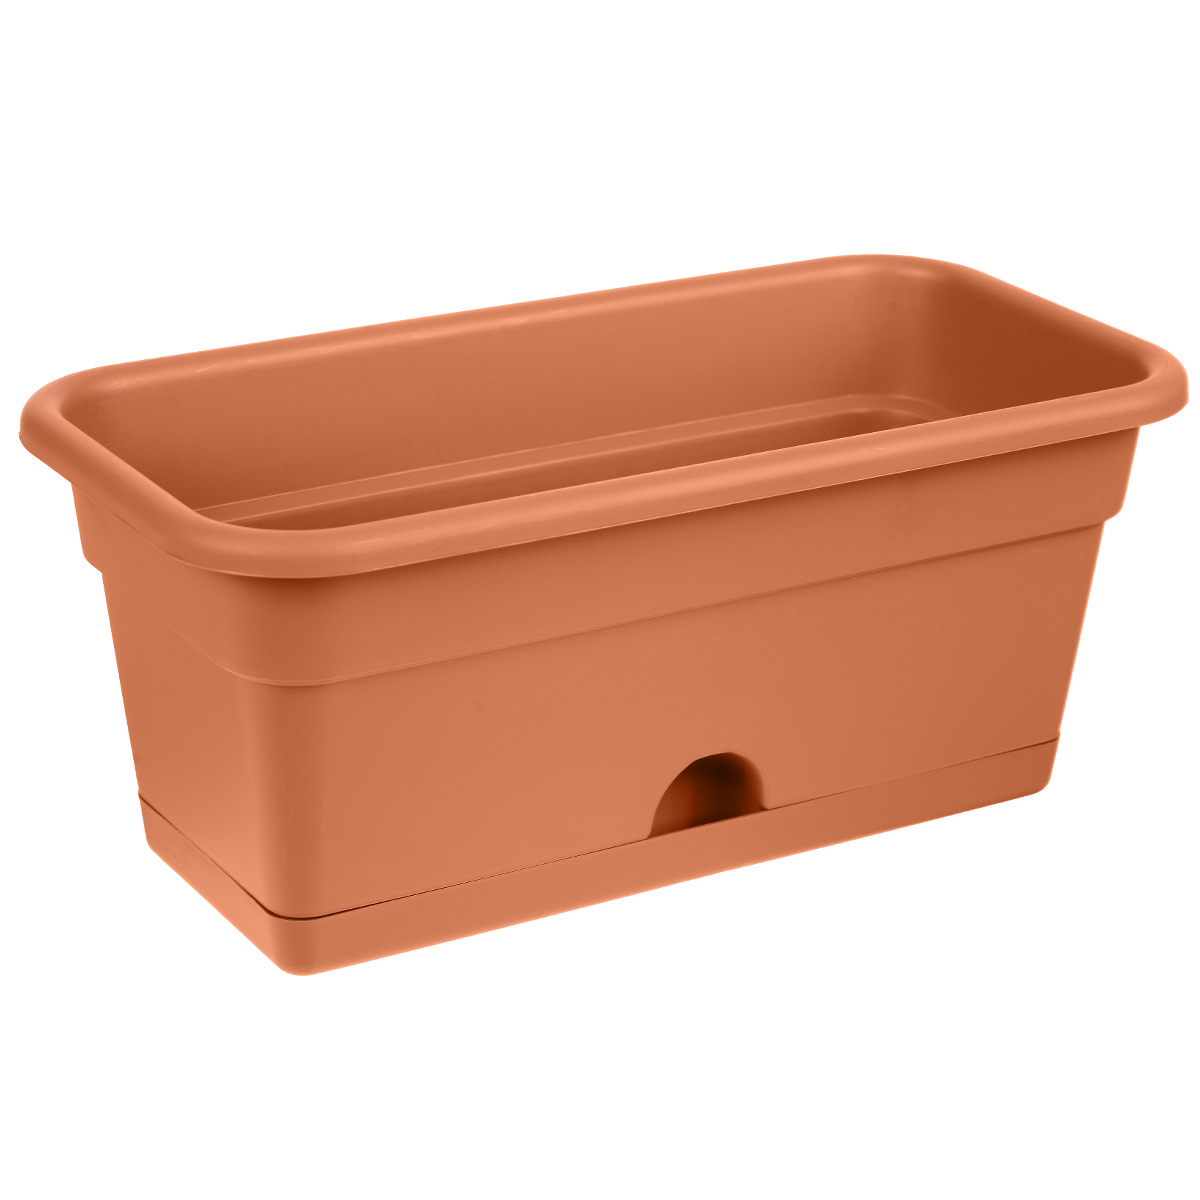 Балконный ящик Darel Plastic, с поддоном, цвет: терракотовый, 40 см х 20 см х 17 смZ-0307Балконный ящик Darel Plastic изготовлен из прочного полипропилена (пластика). Снабжен поддоном для стока воды. Система нижнего полива очень удобна для отдельного вида растений - при этом вода наливается не сверху, а внутрь поддона. Изделие прекрасно подходит для выращивания рассады, растений и цветов в домашних условиях.